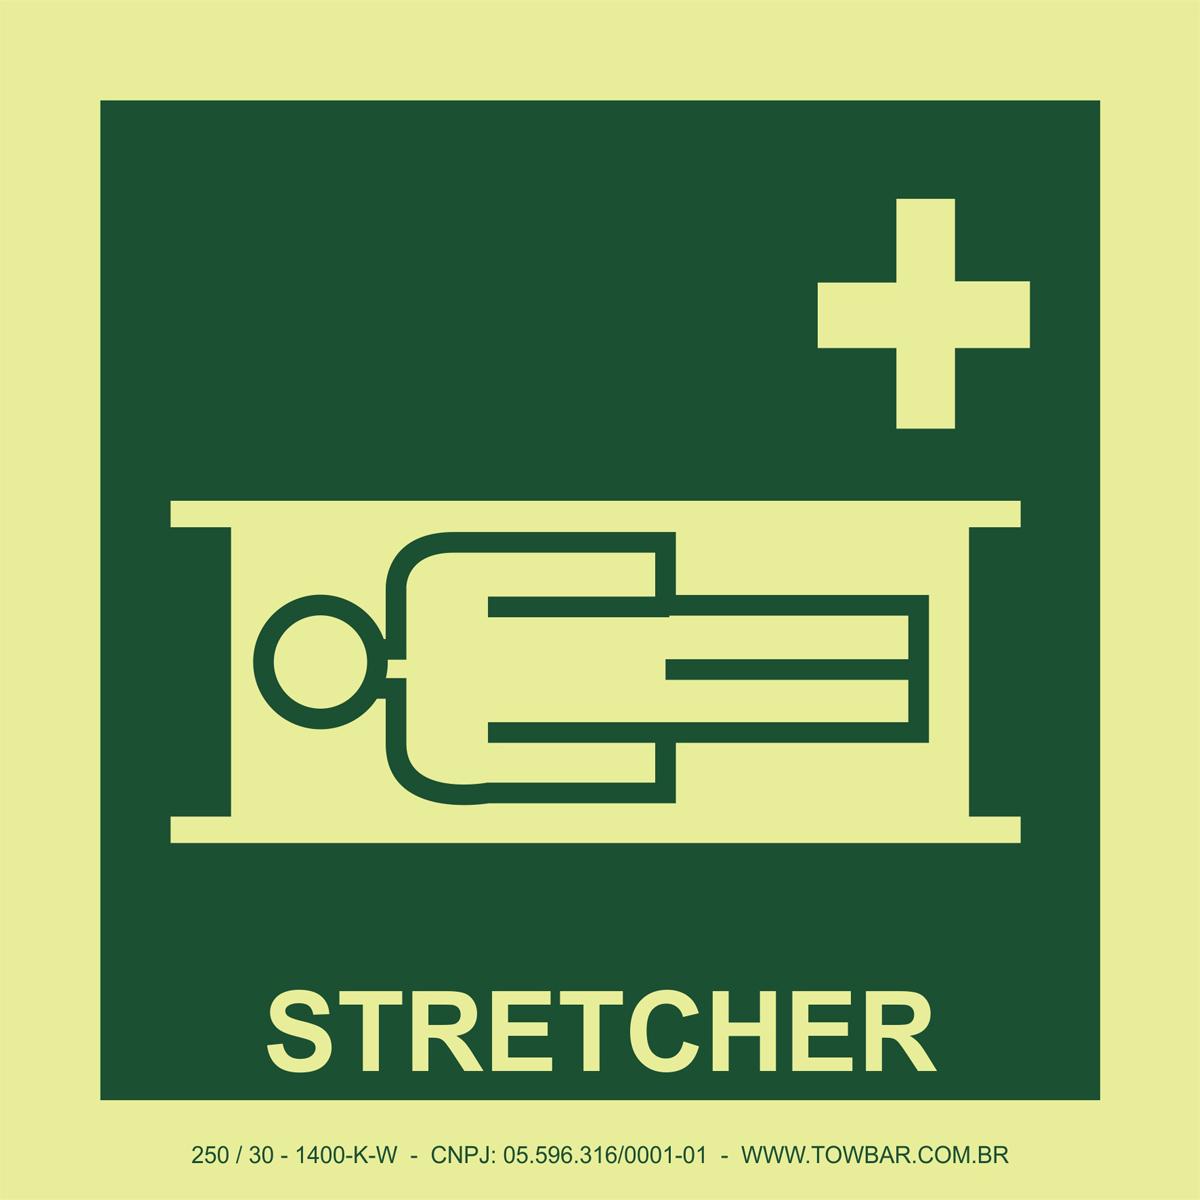 Stretcher  - Towbar Sinalização de Segurança